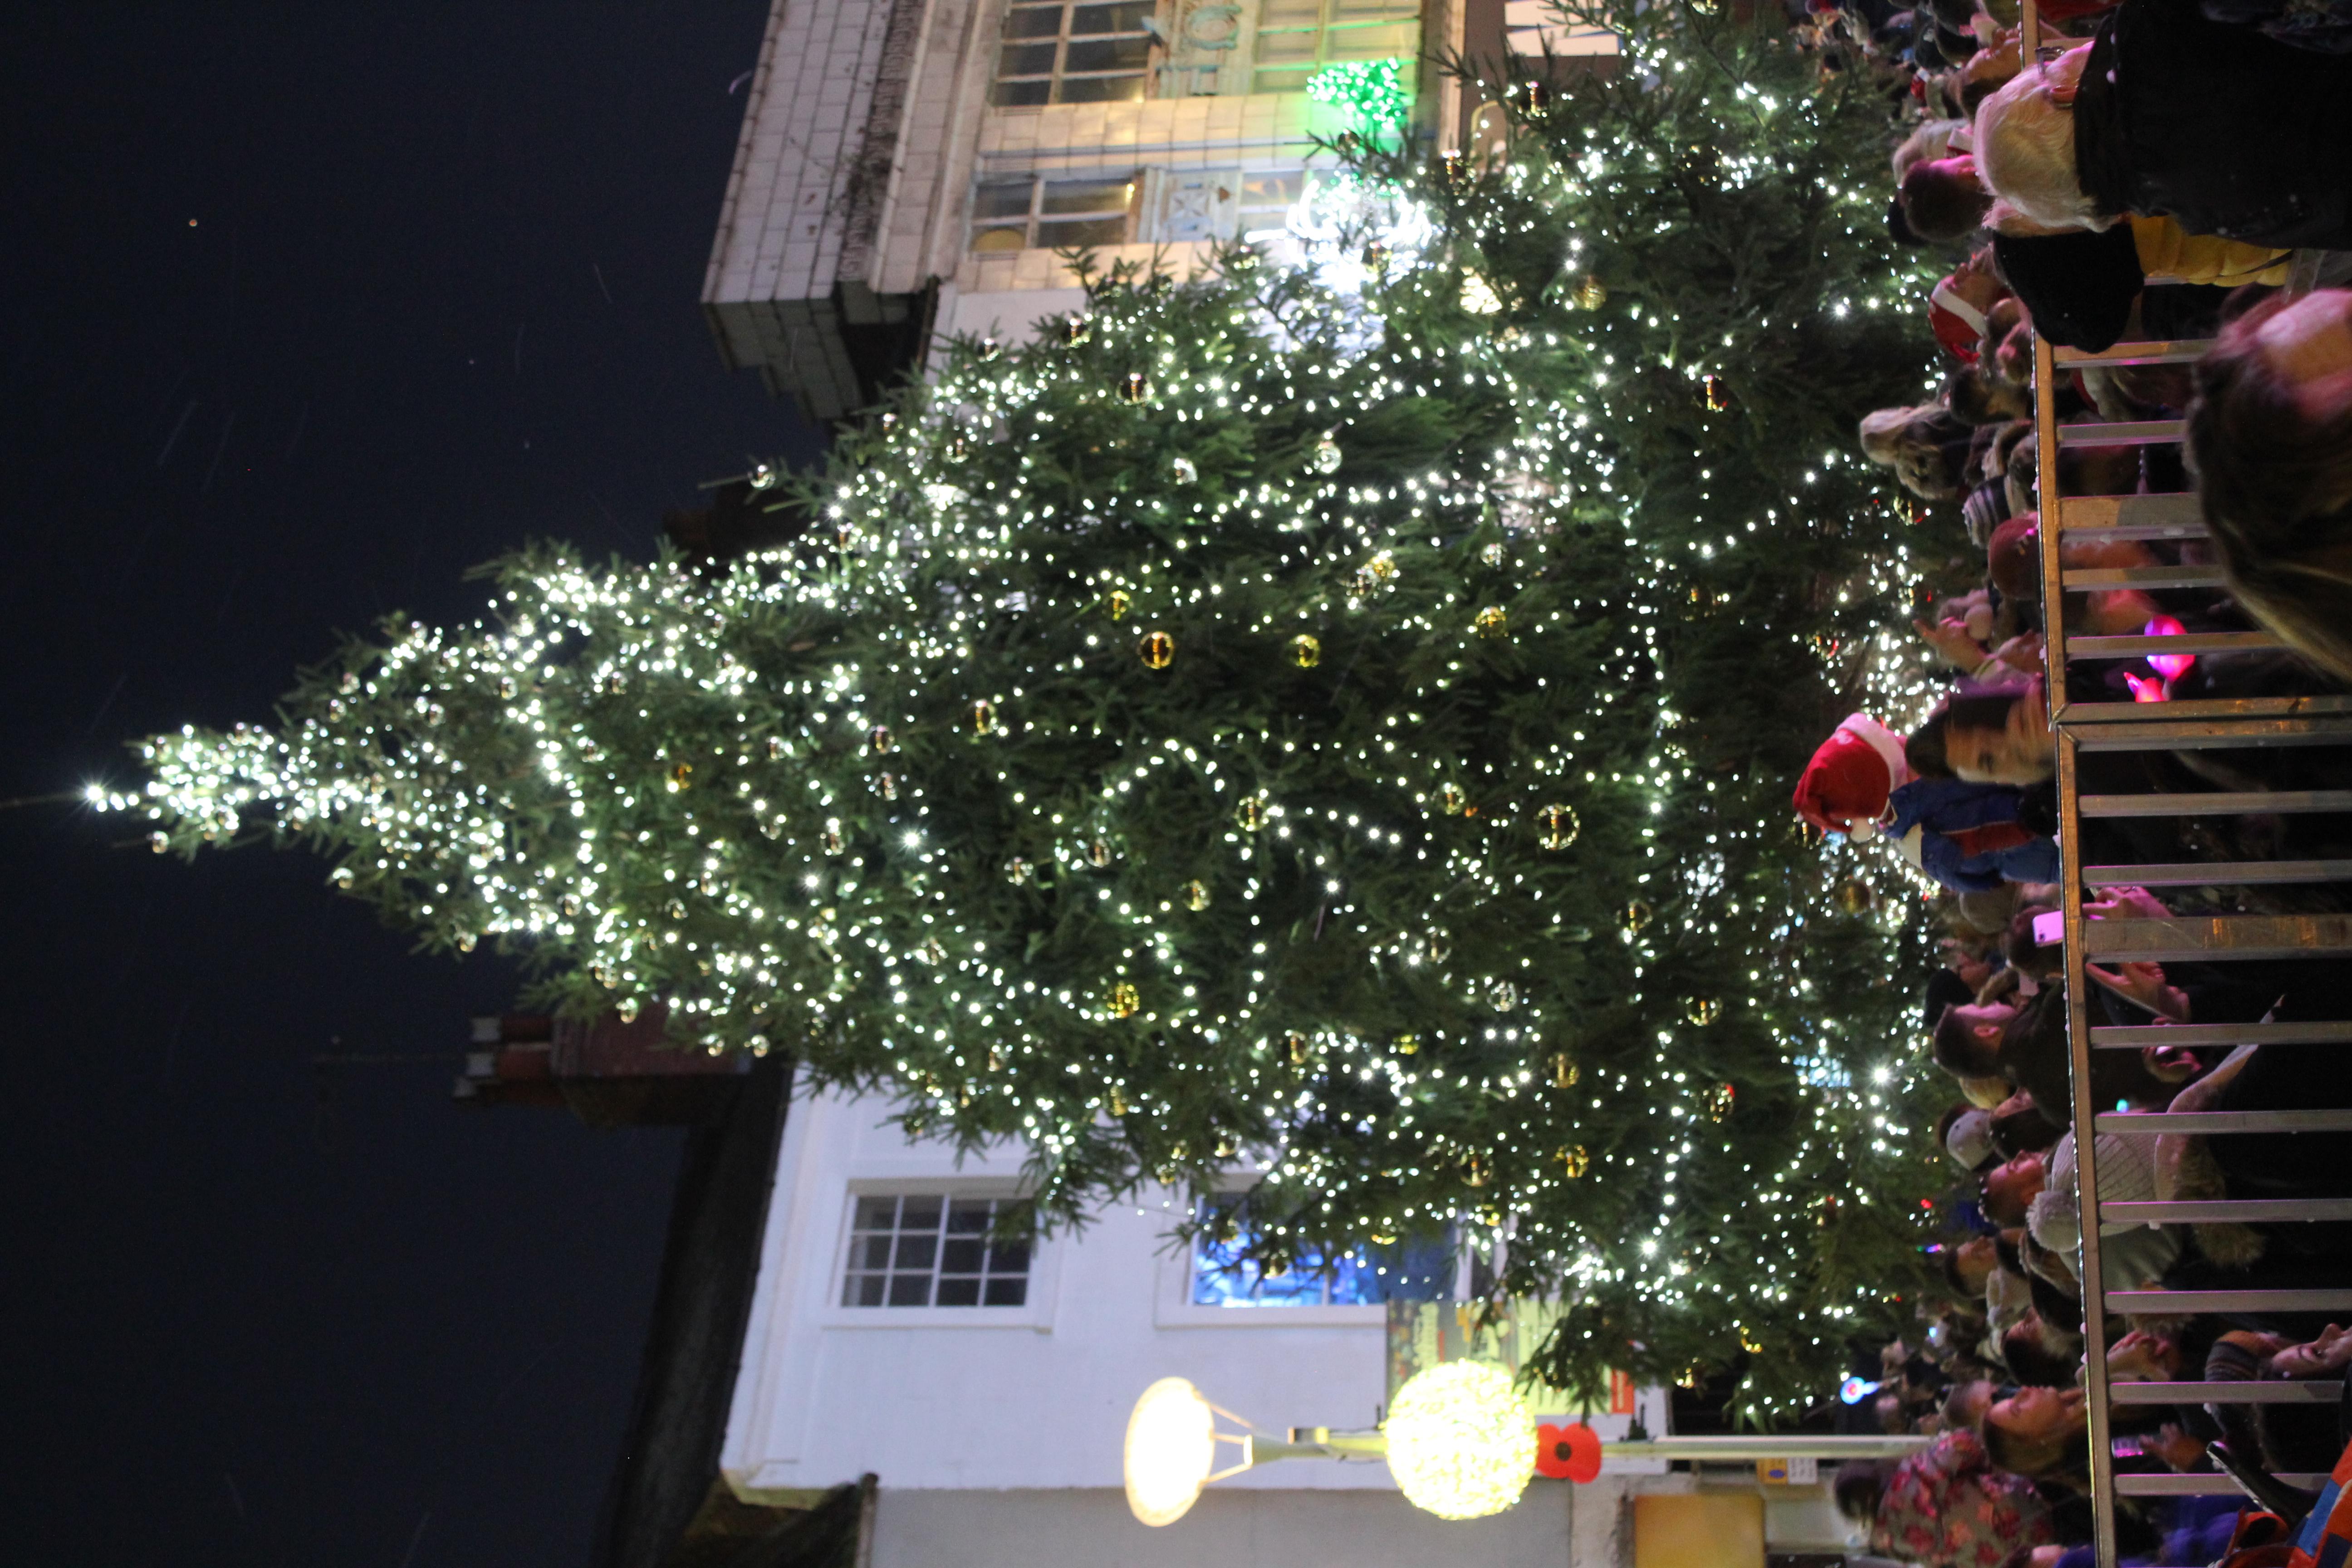 Mansfield's Christmas tree 2018